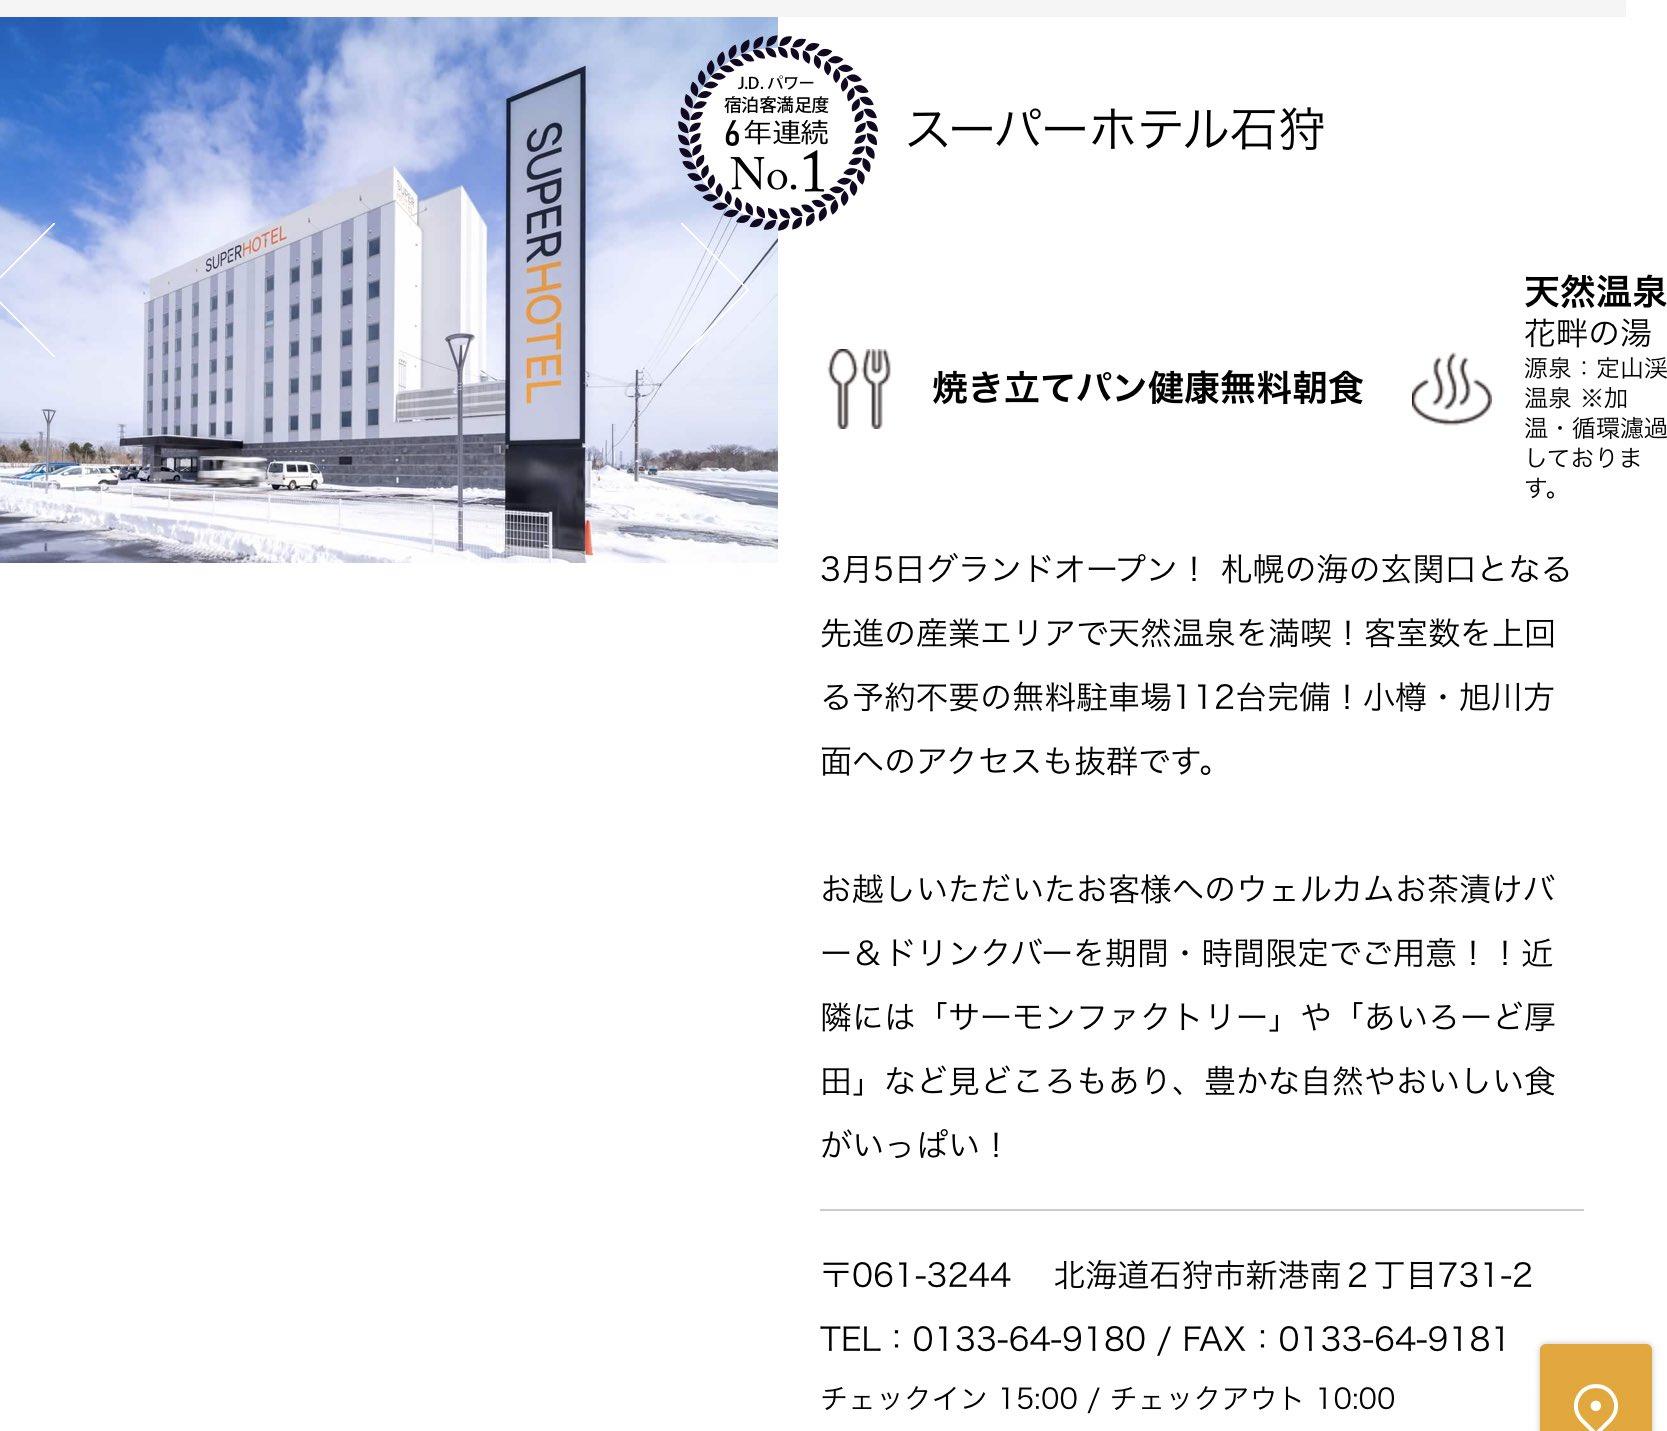 石狩 スーパー ホテル